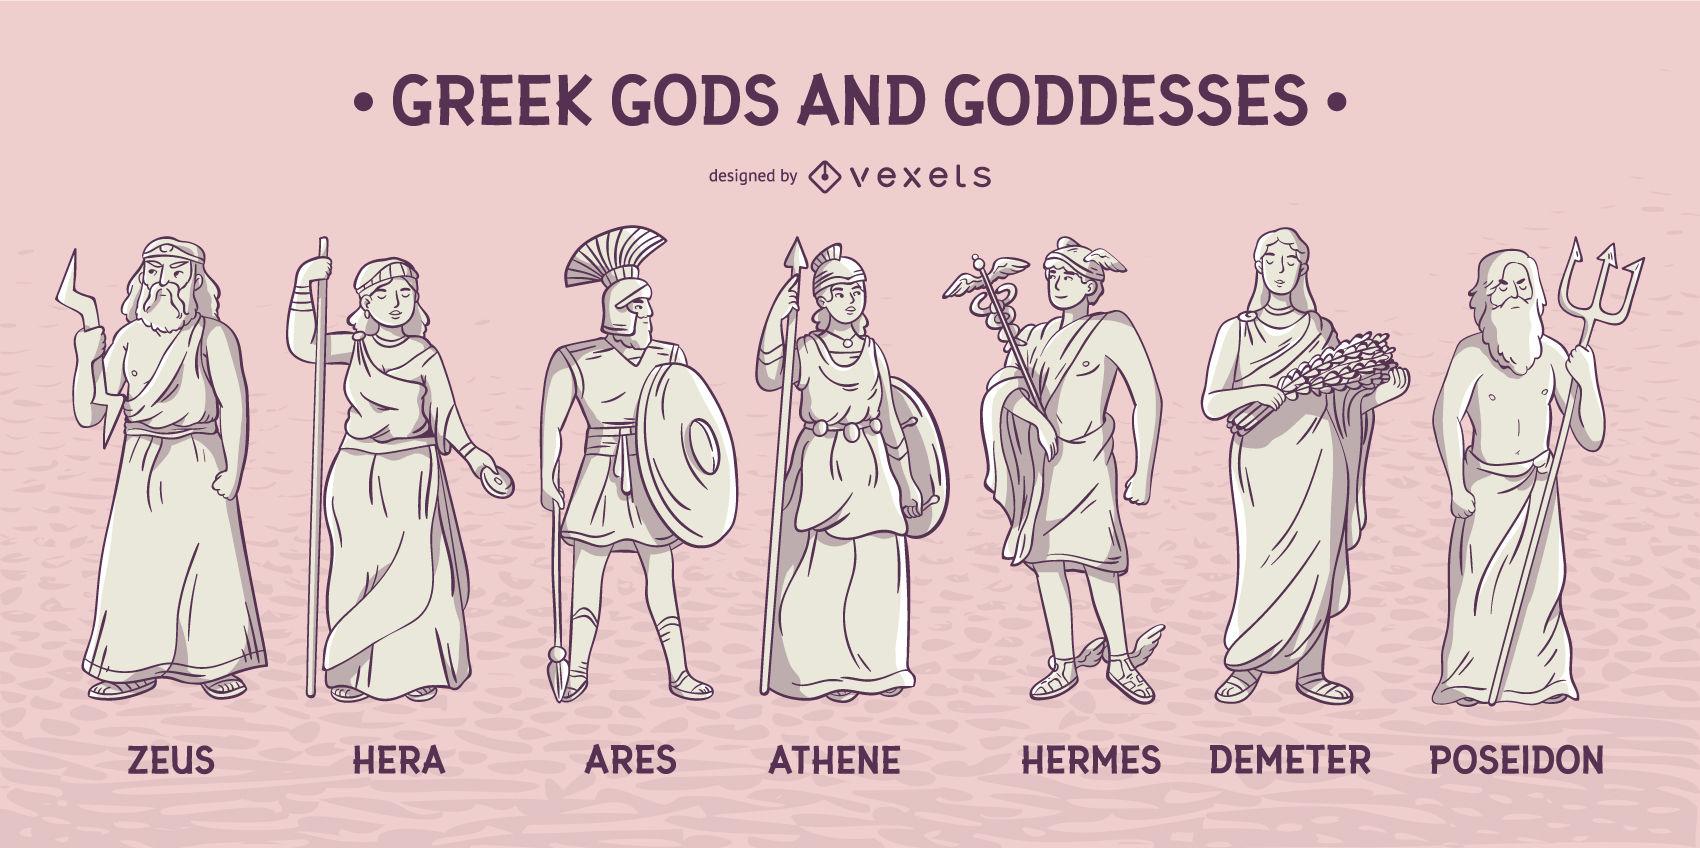 Griechische Götter Und Göttinnen Gesetzt - Vektor Download verwandt mit Griechische Götter Bilder Und Namen